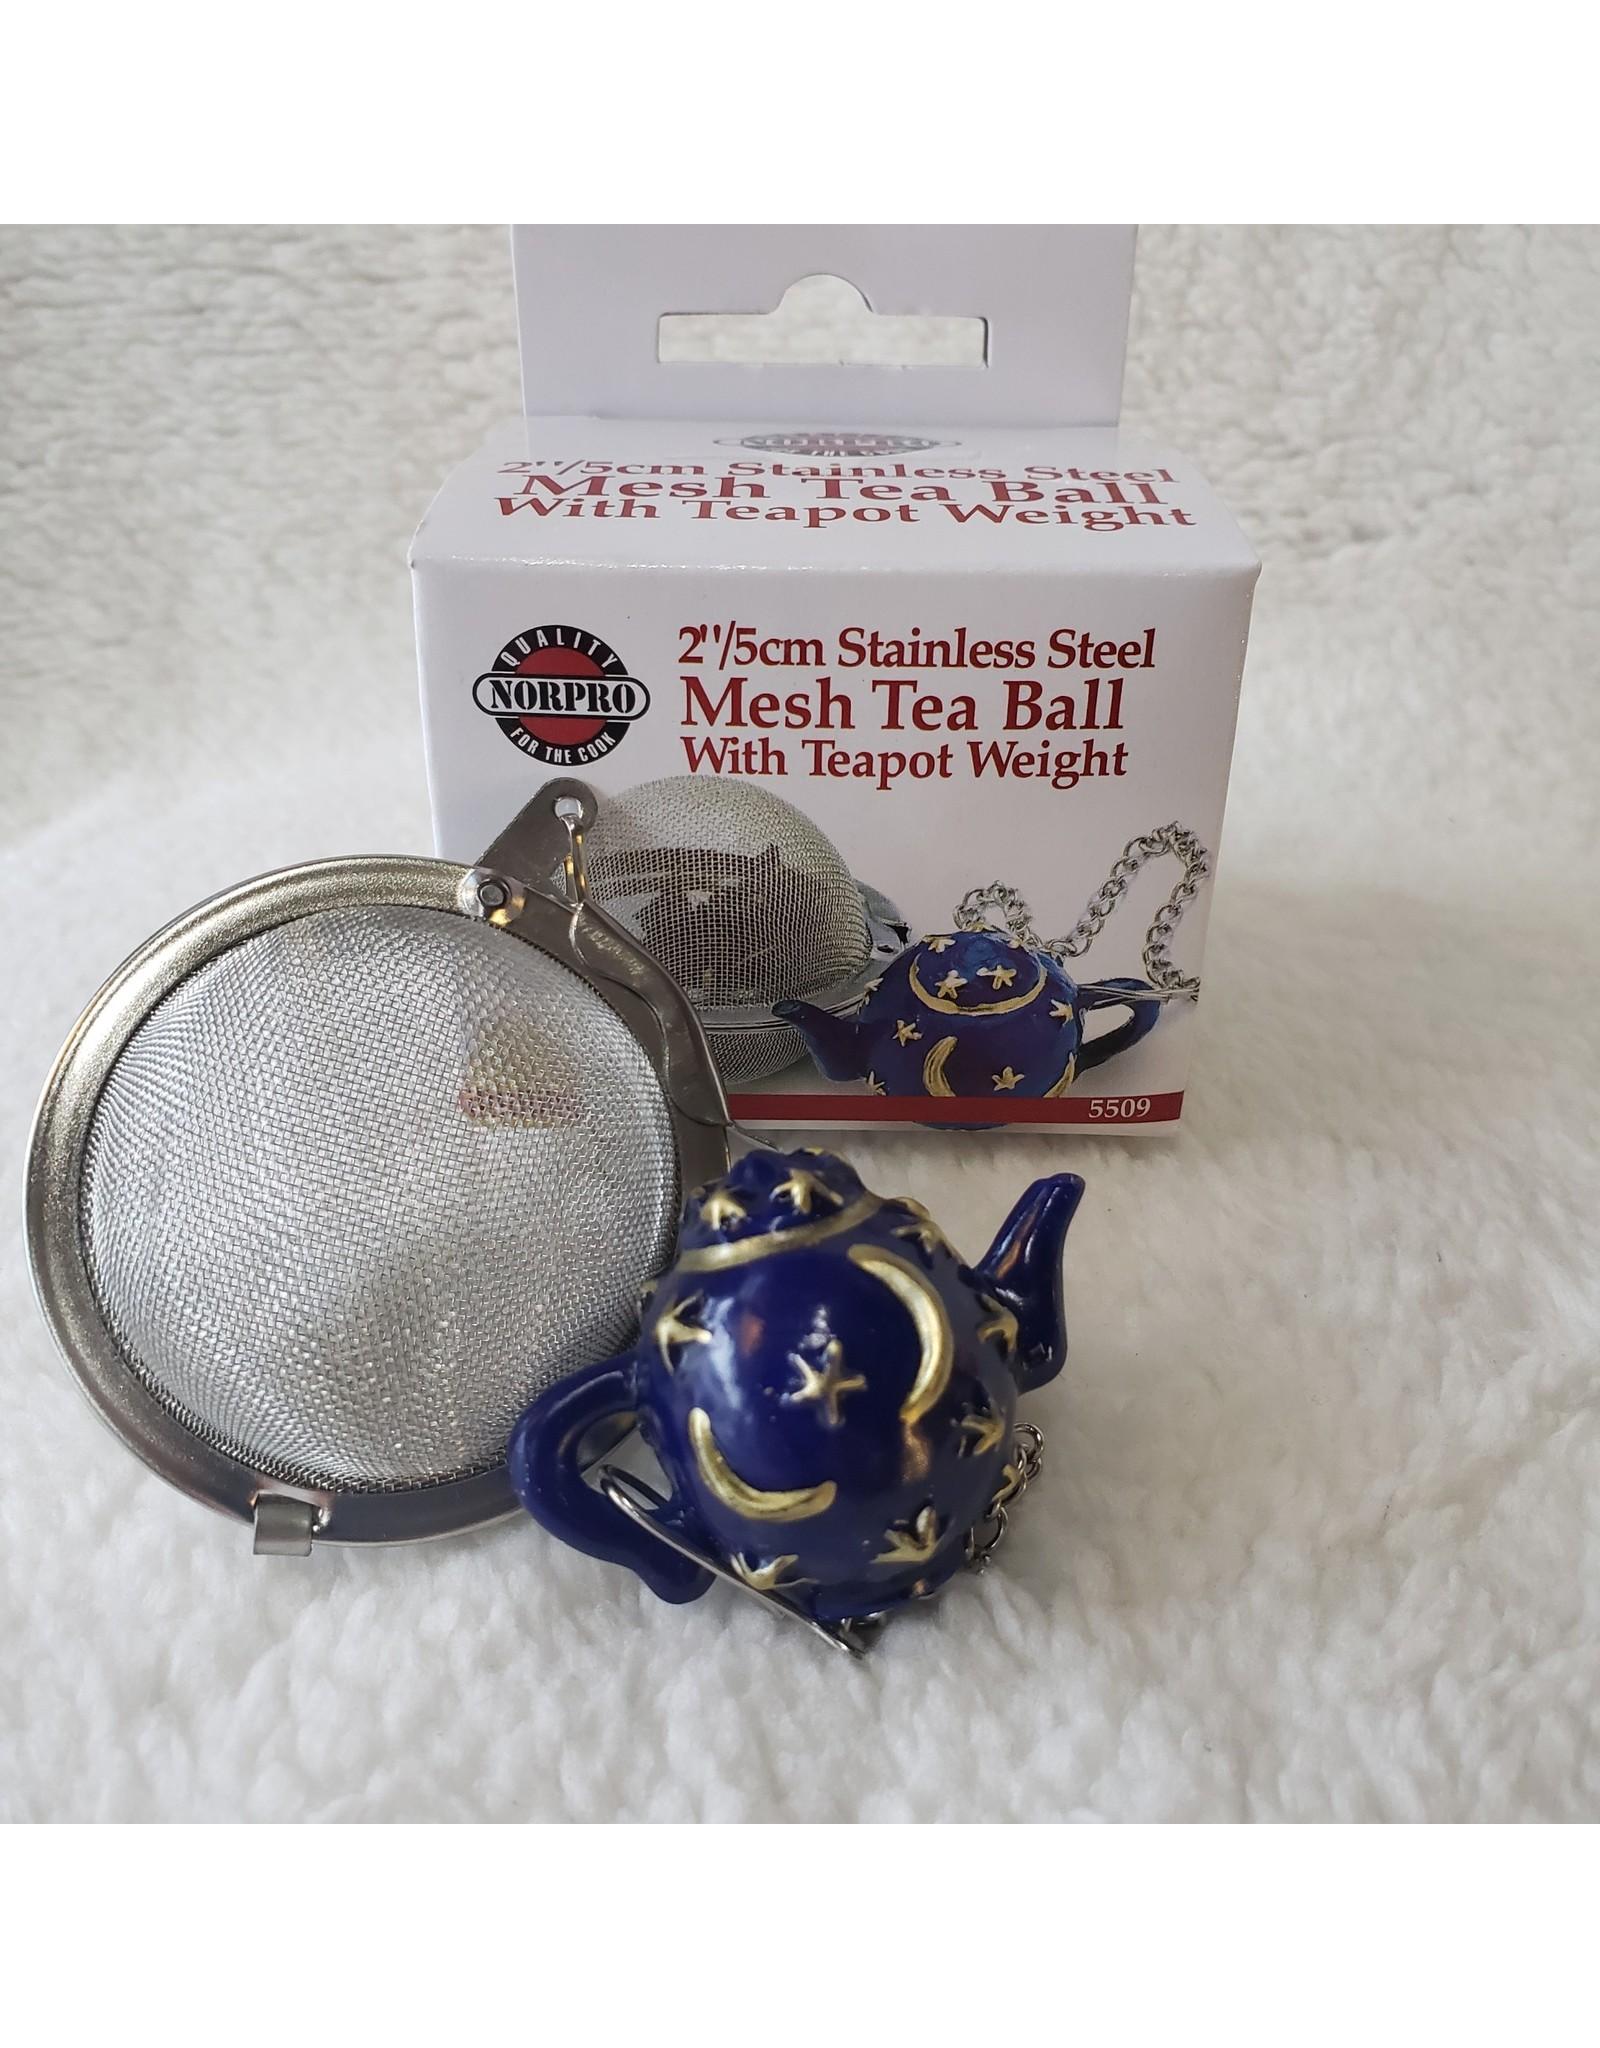 Mesh Tea Ball w/ Teapot Weight